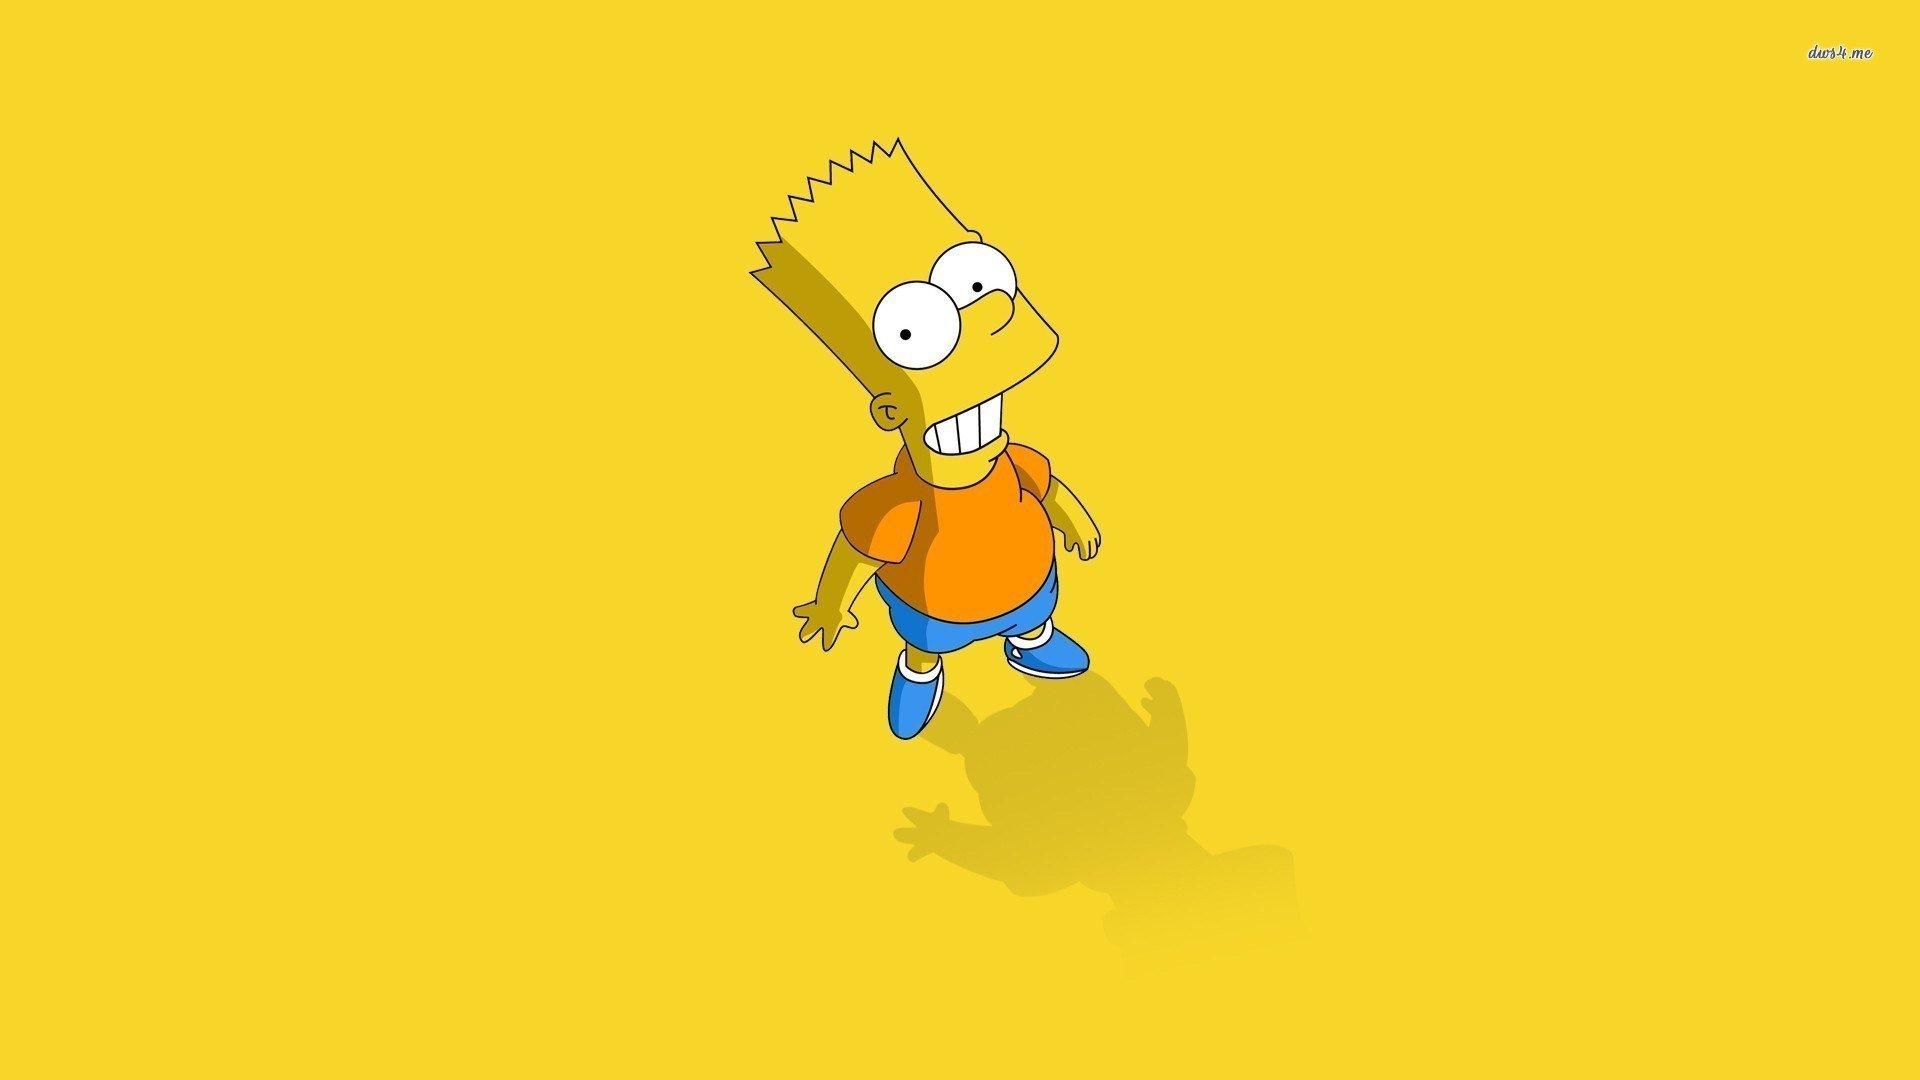 Bart simpson wallpaper wallpapersafari for Simpsons wallpaper for bedroom